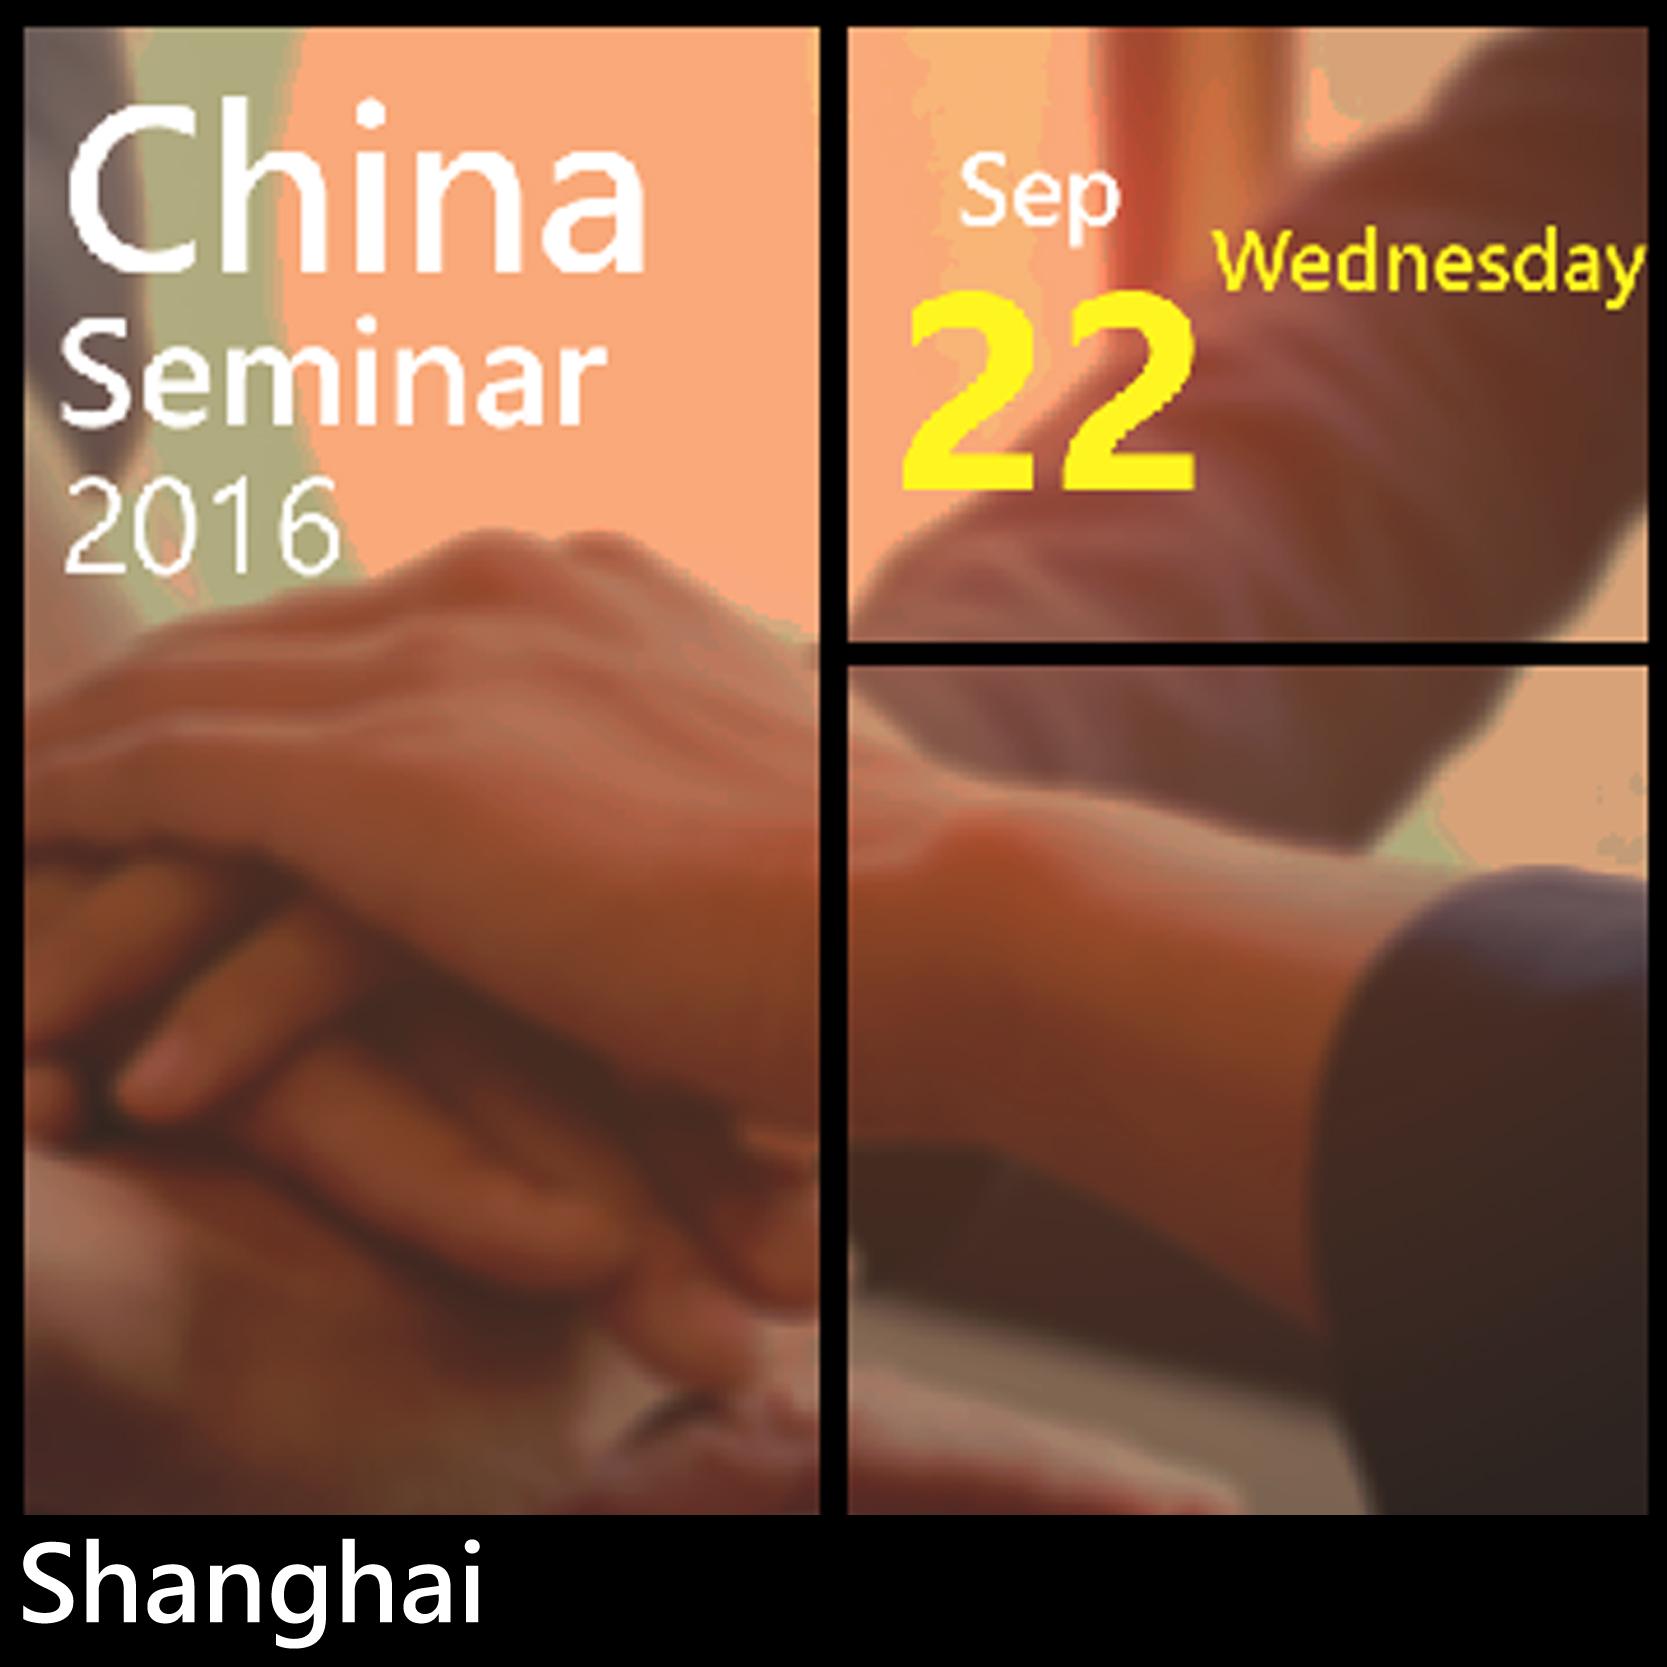 Sep 22 - China Seminar 2016 @ Shanghai